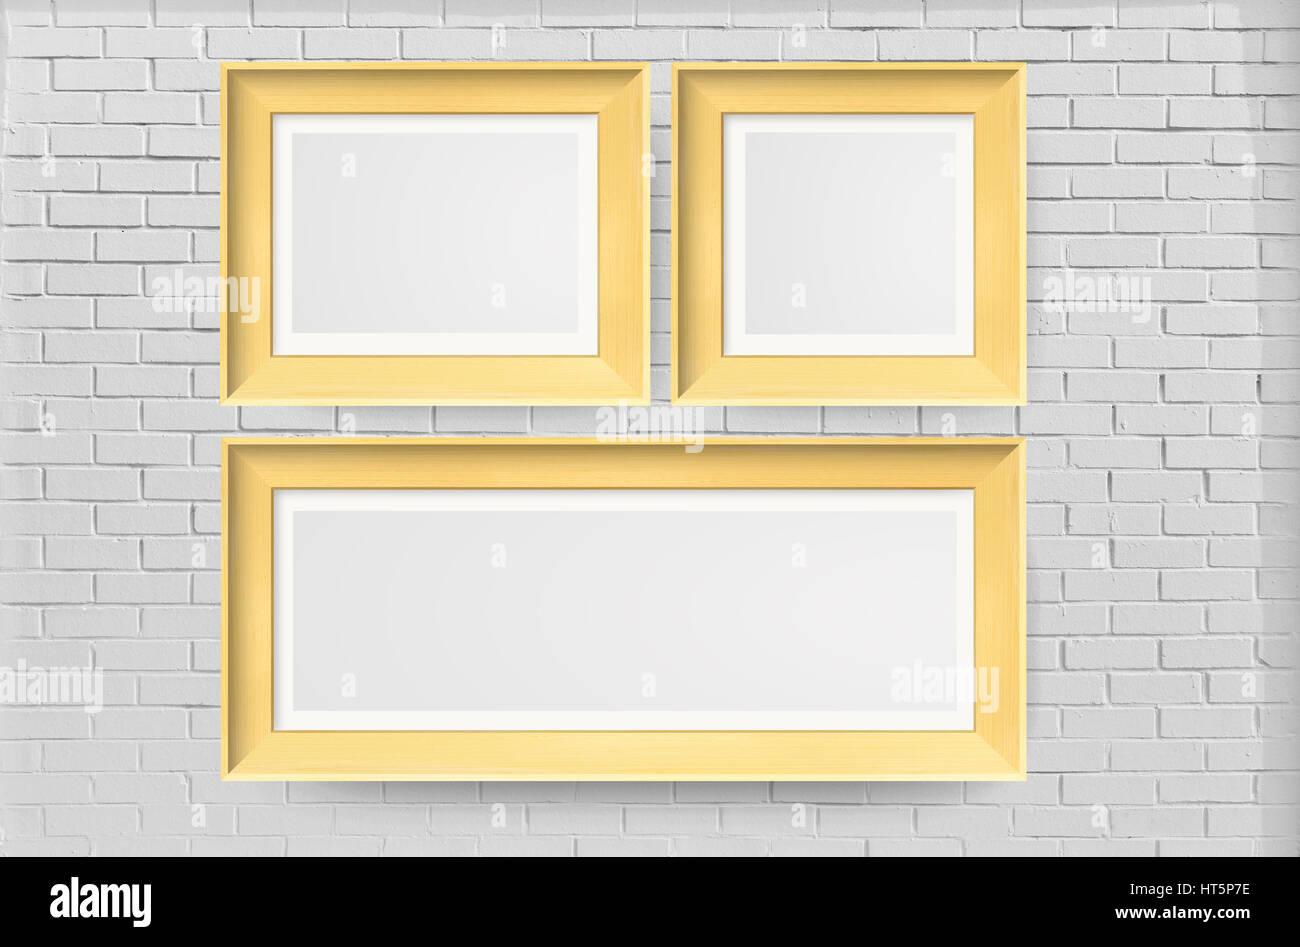 Bilderrahmen Auf Weiße Ziegel Wand   Innen, Innenraum, Wand   Gebäude